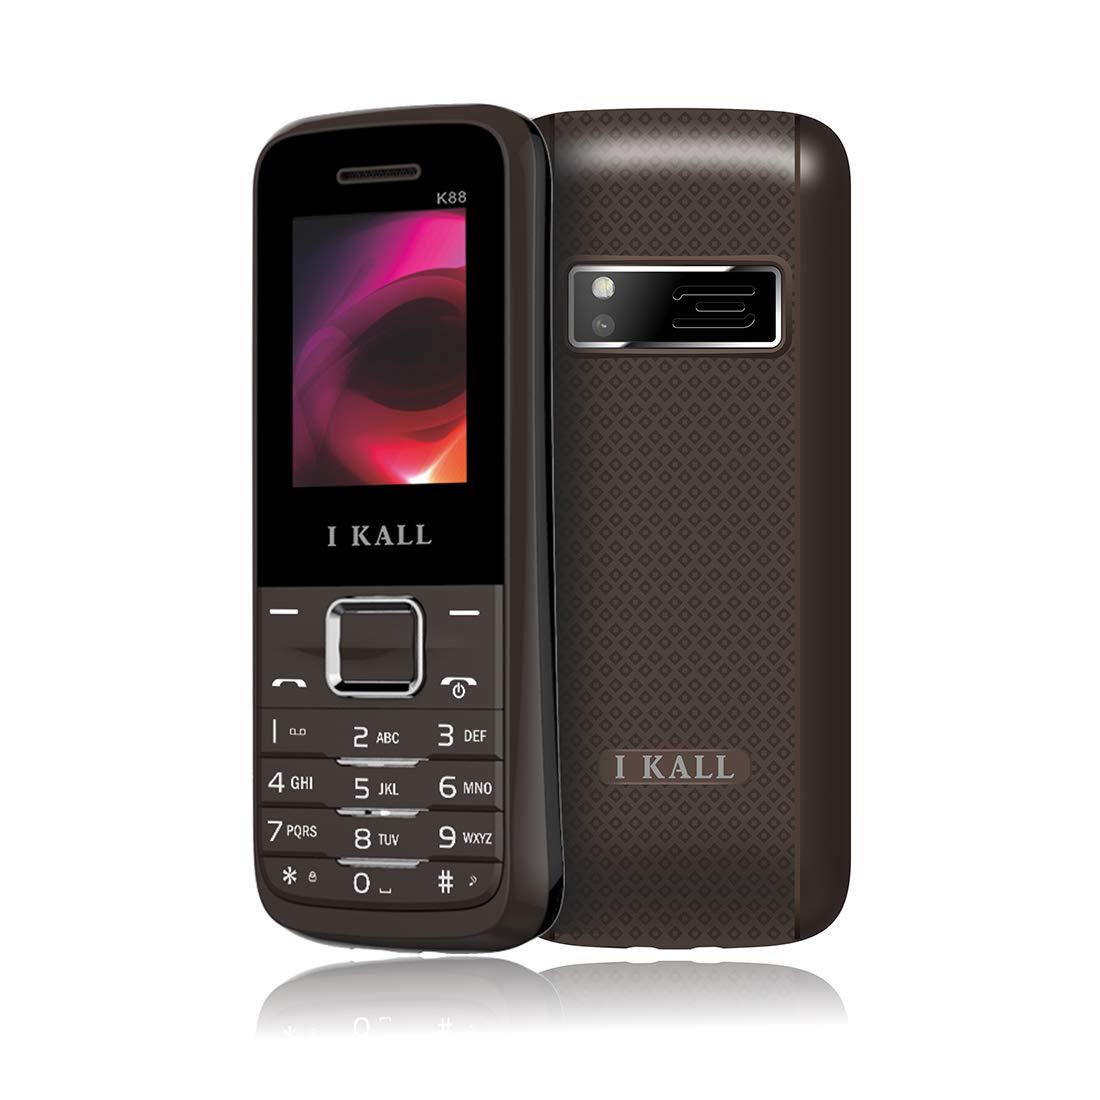 IKALL K88 Dual Sim Feature Phone, 64 MB Internal memory (Brown)